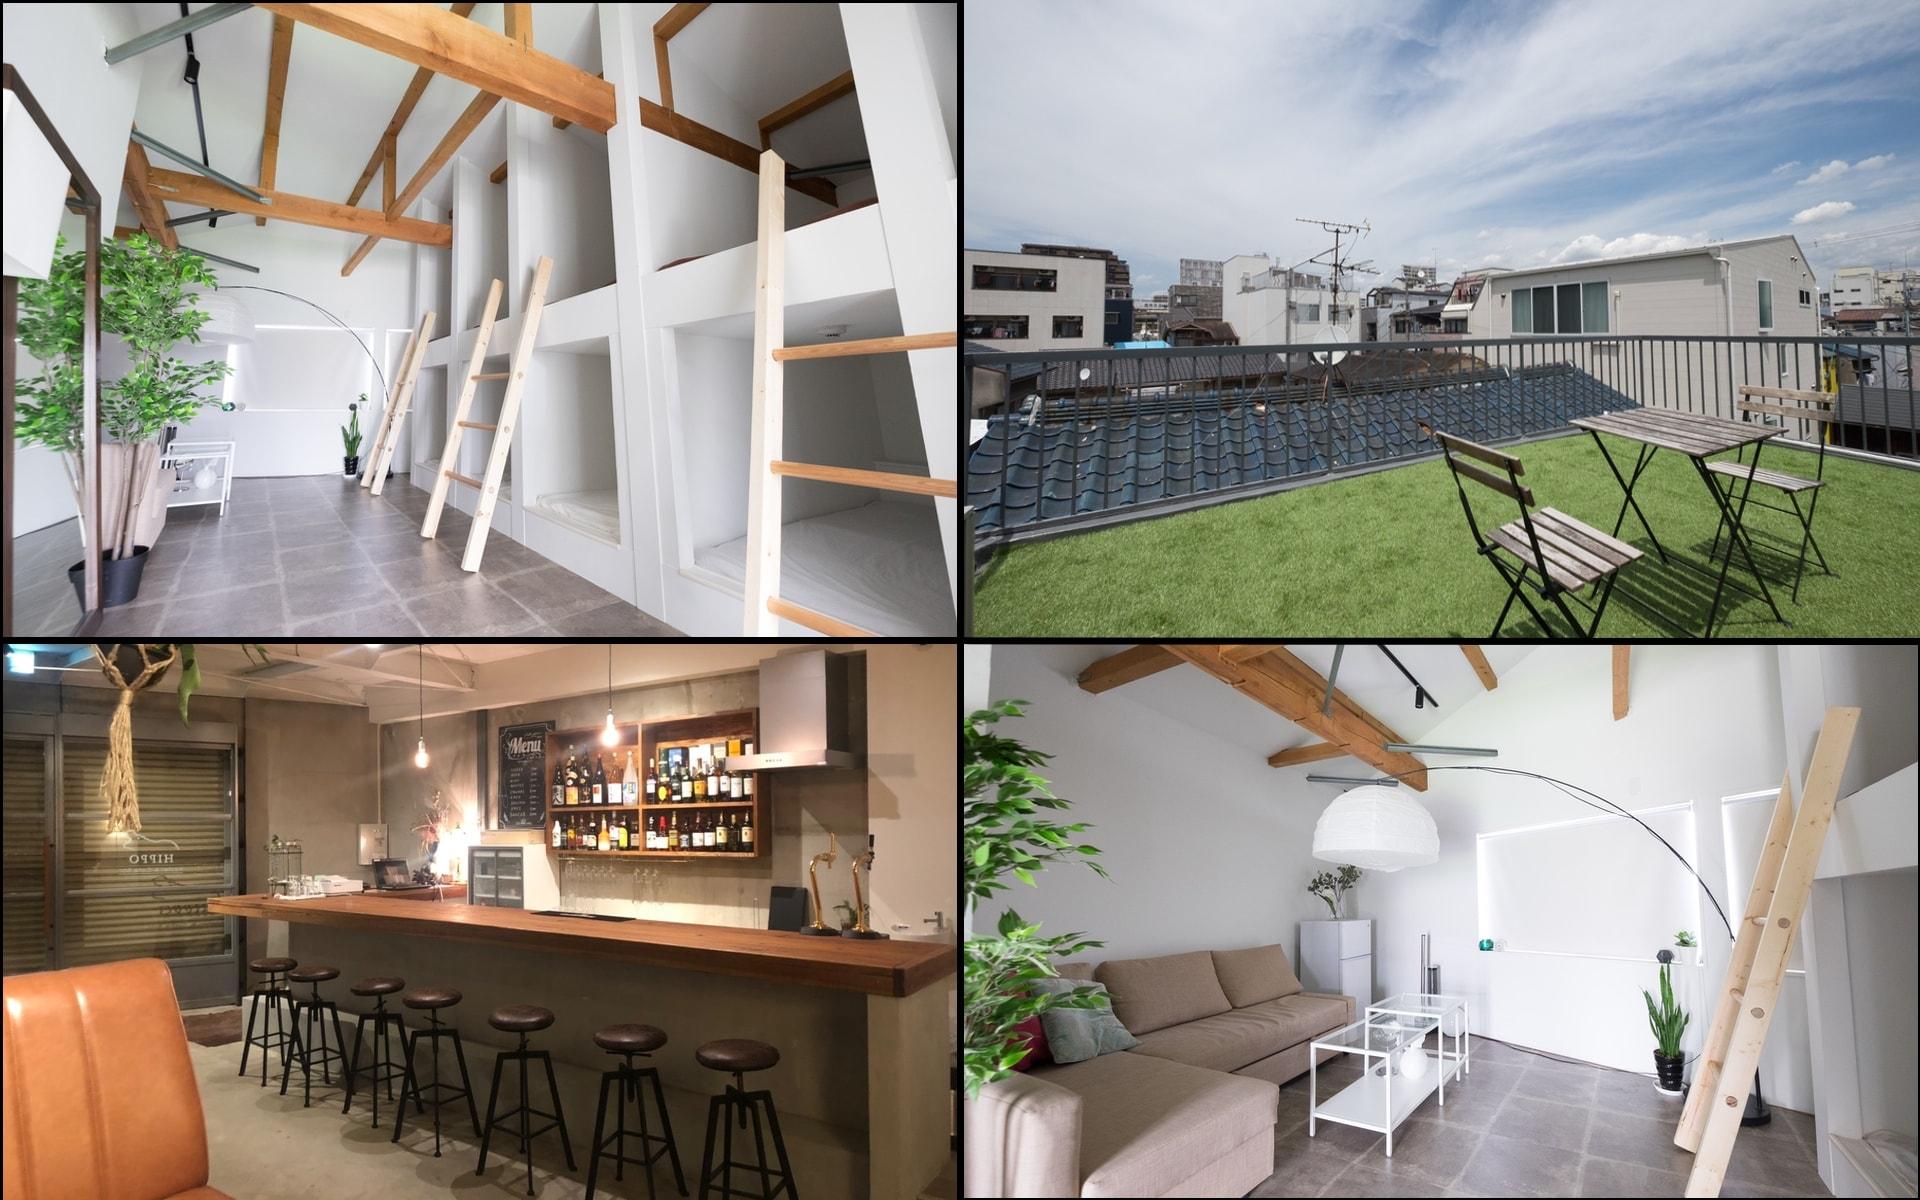 |大阪|ホステル|【新規オープン】とっても綺麗なホステルで働こう!